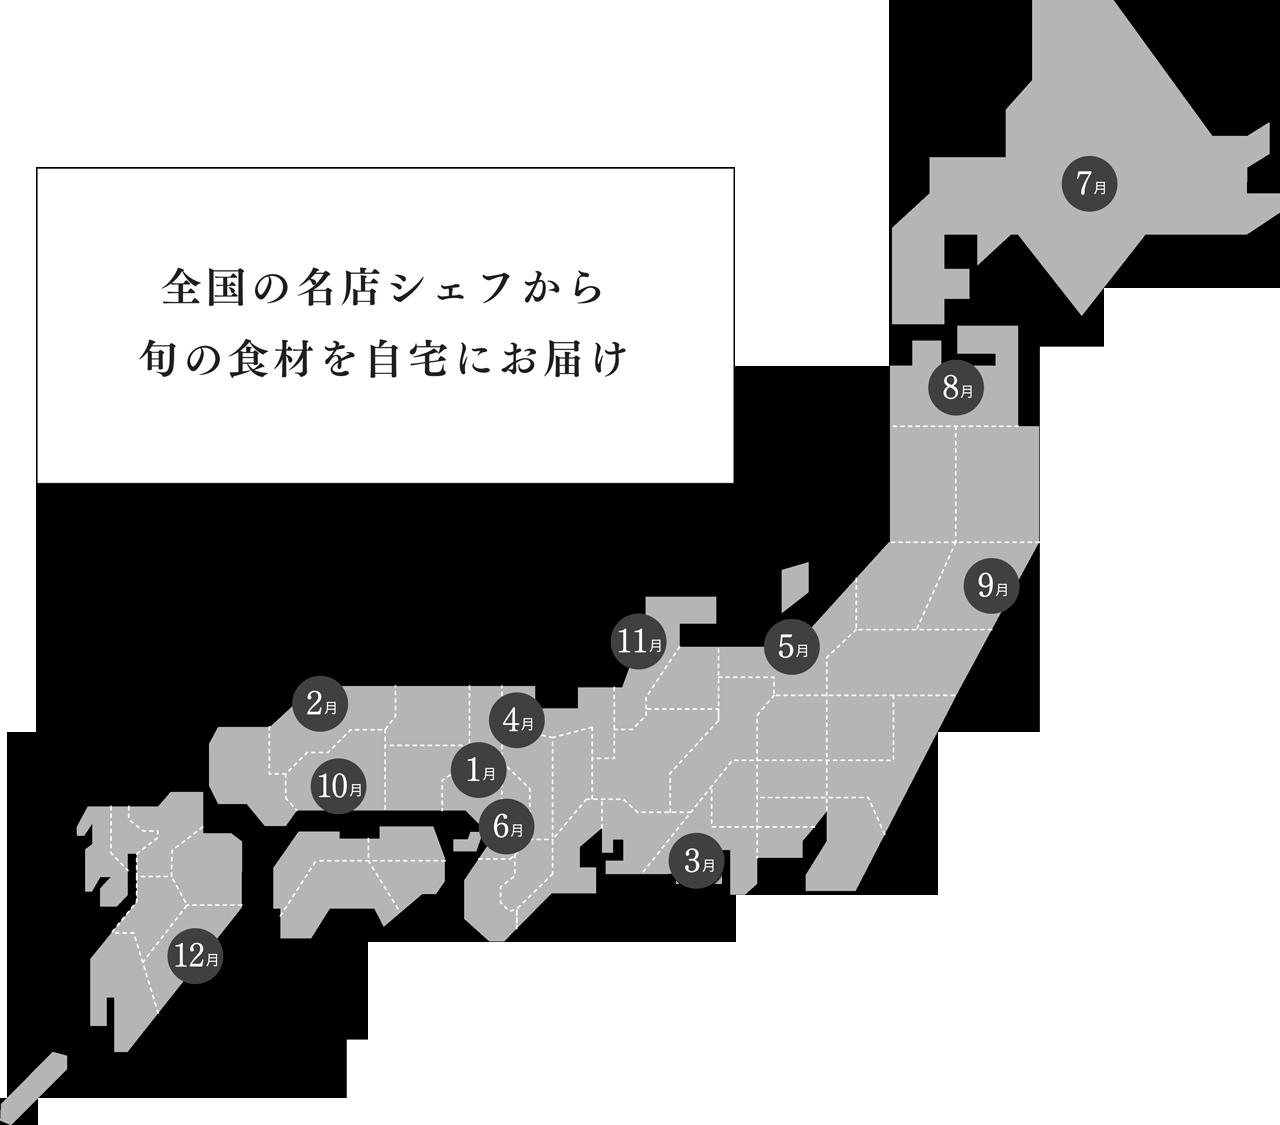 全国の名店シェフから旬の食材を自宅にお届け 月別レストランを示す日本地図